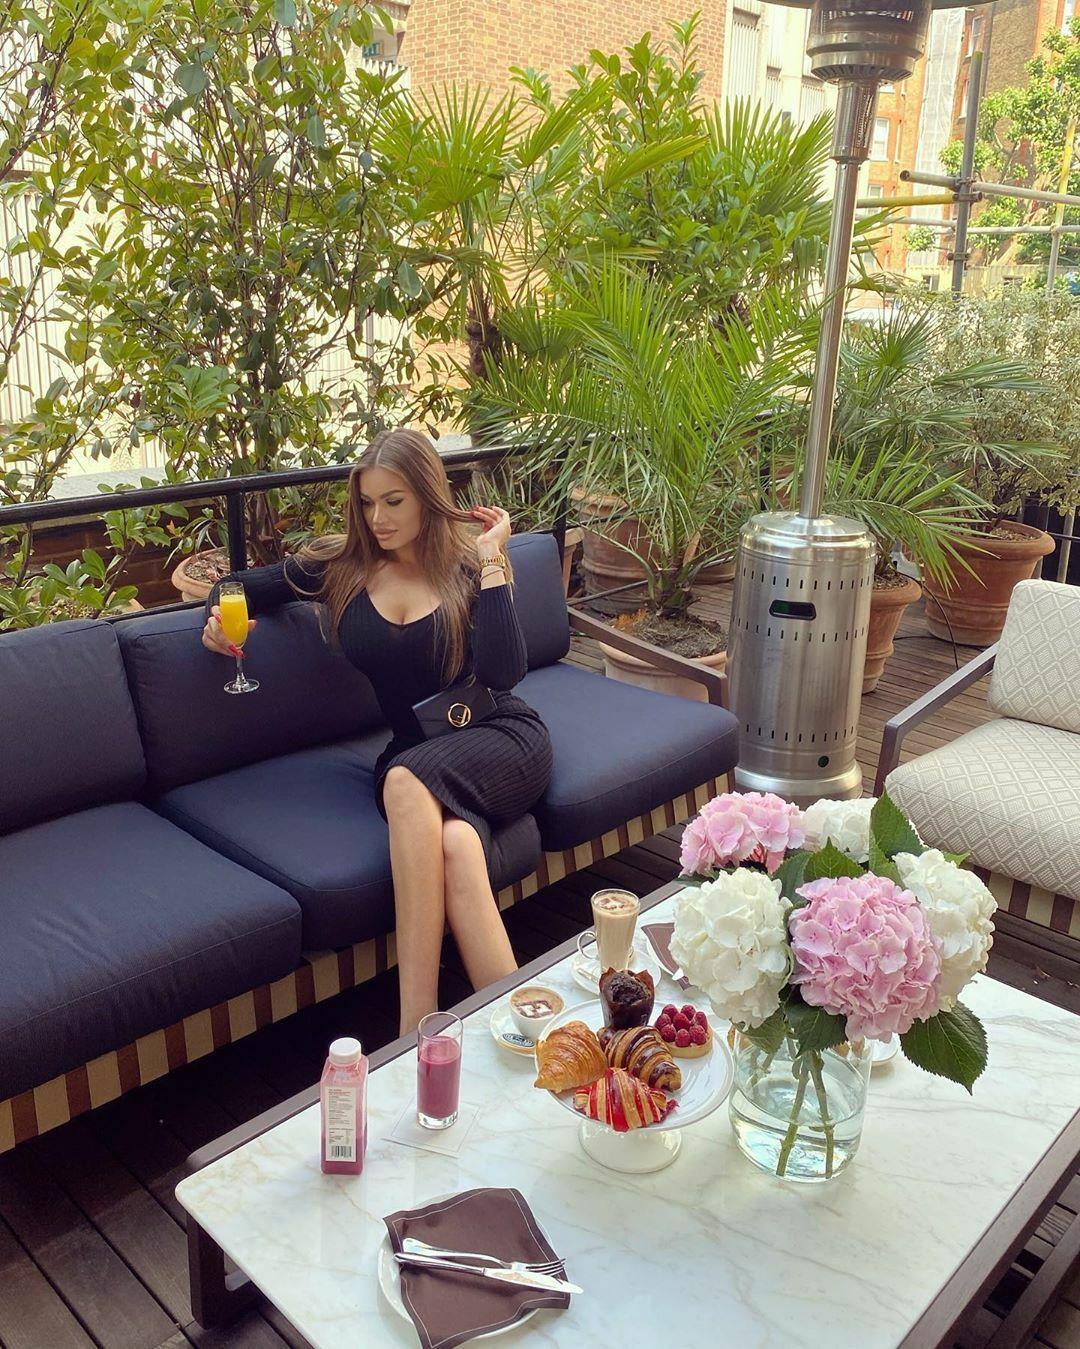 Daria Radionova, người Nga, hiện đang sống ở London, chia sẻ bức ảnh ăn sáng ở cửa hàng thời trang Fendi tại Quảng trường Sloane, Knightsbridge.